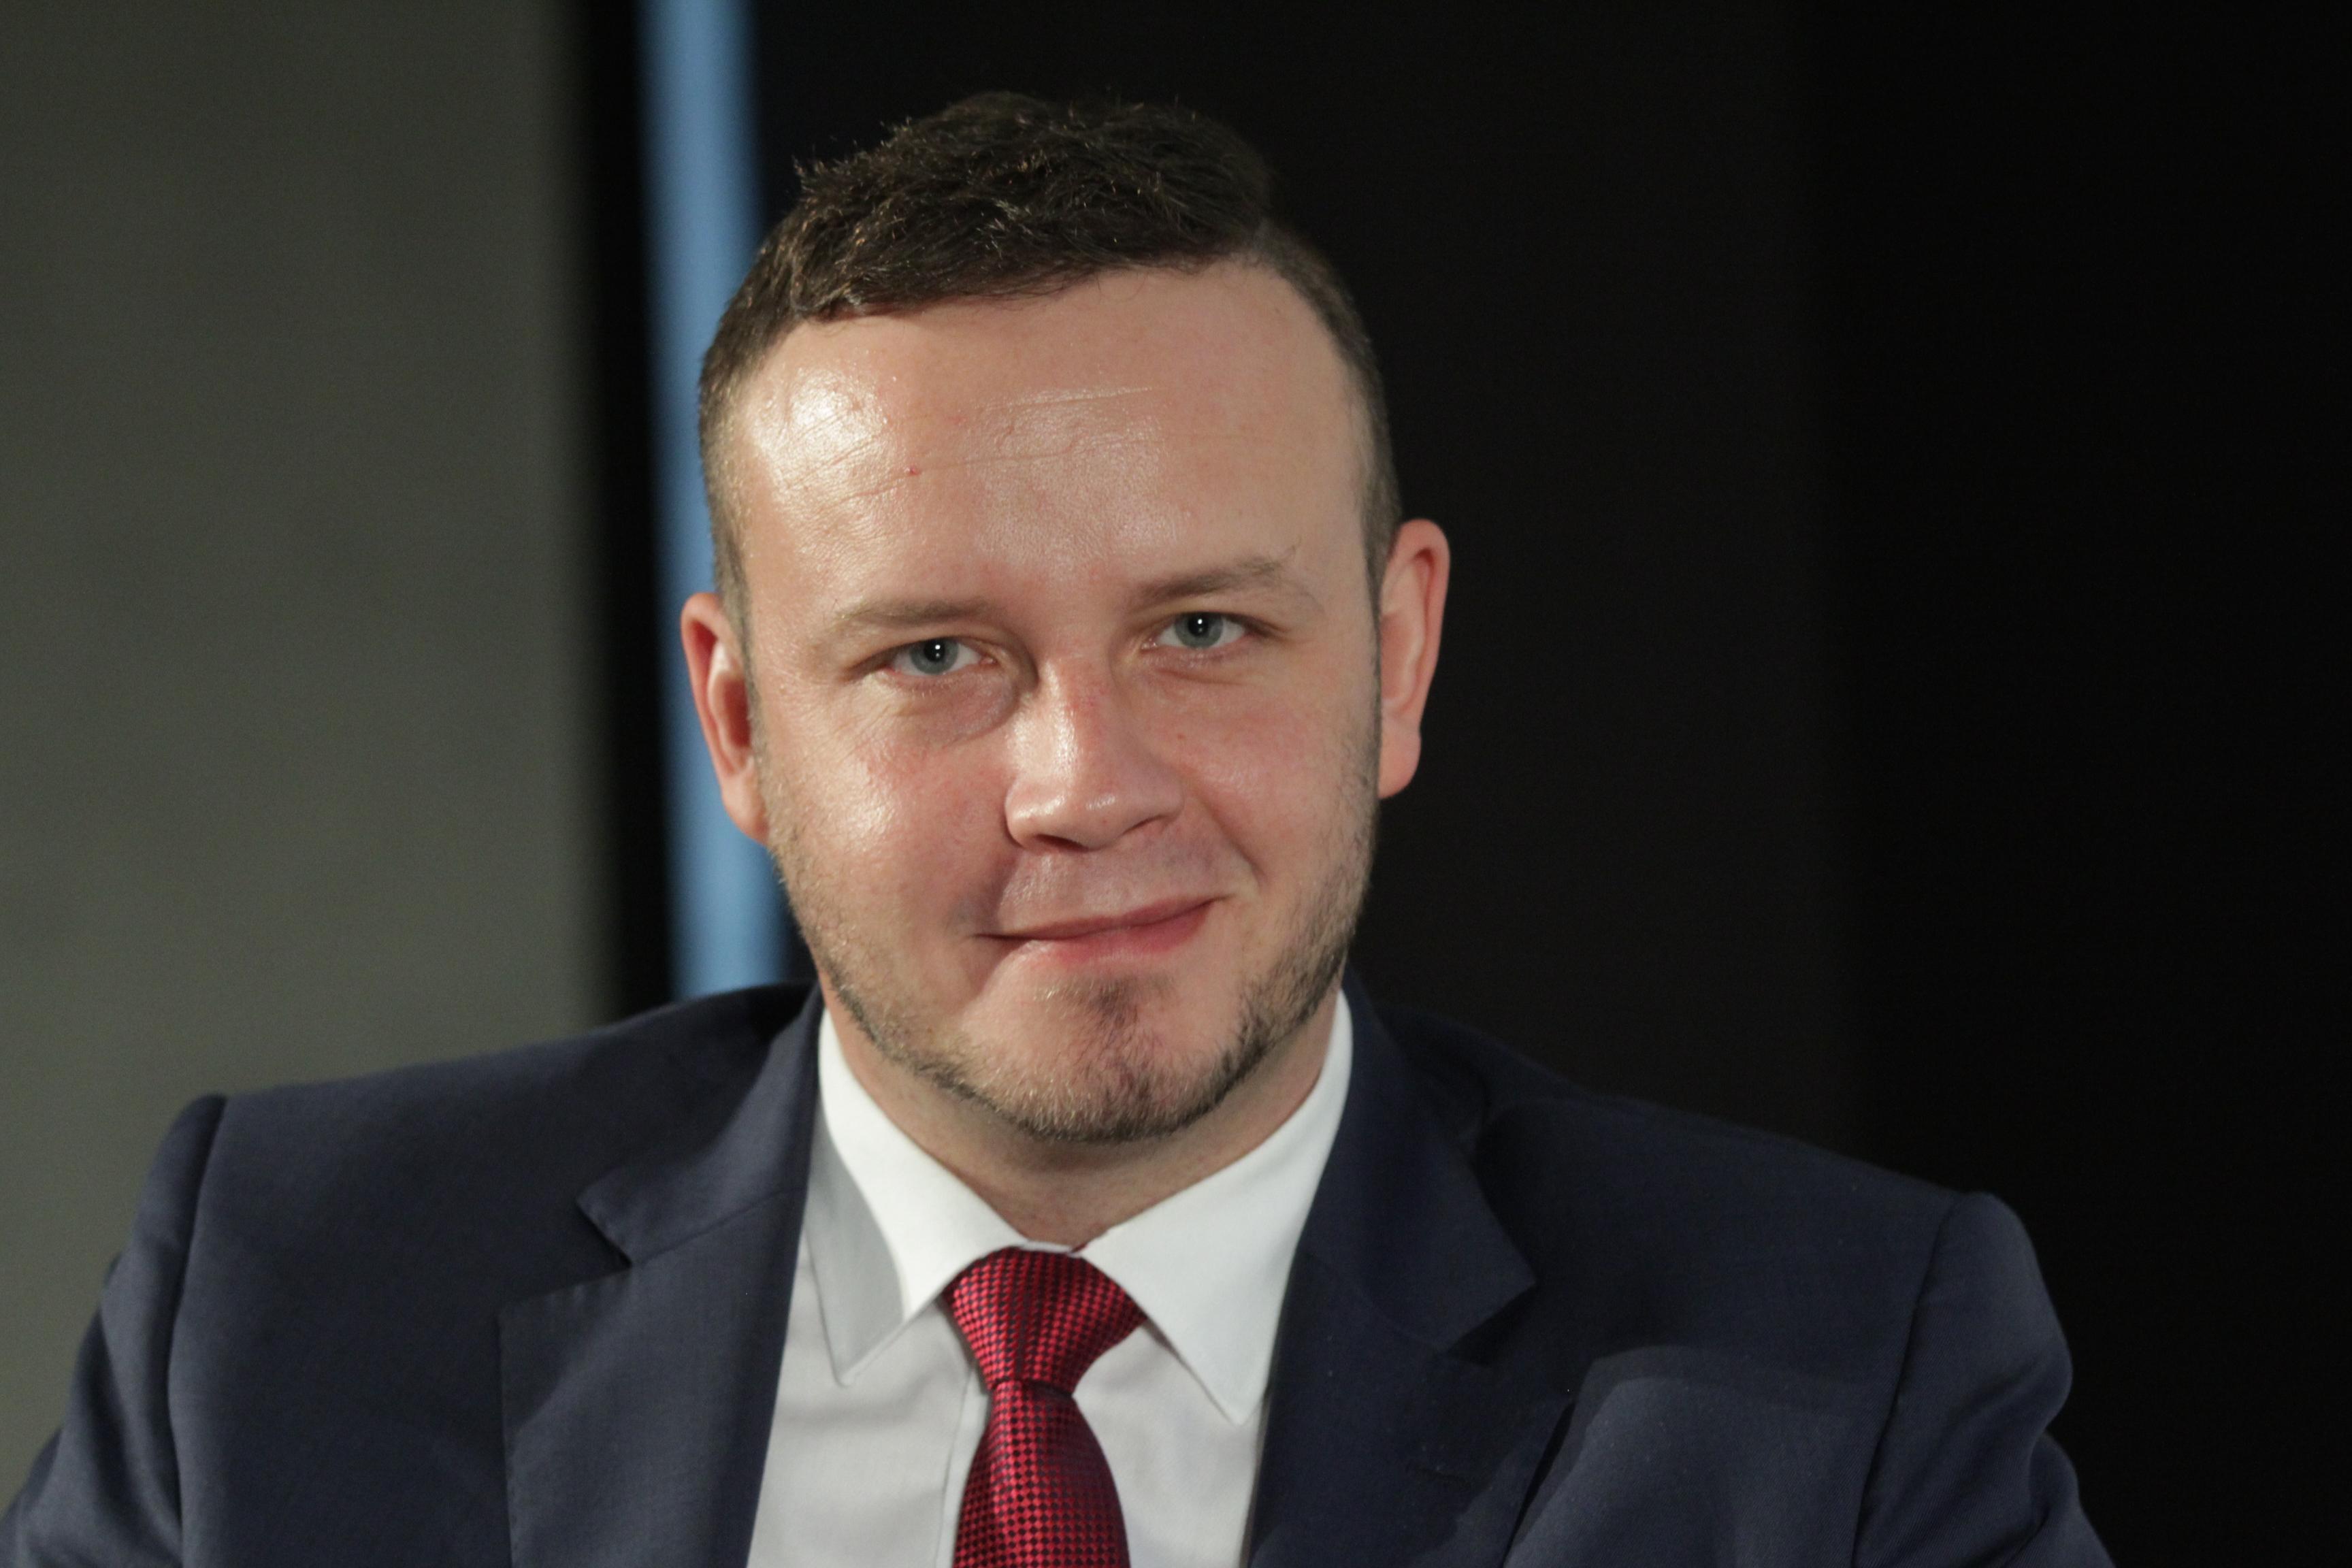 Ciekawą debatę o rynku pracy moderował Rafał Kerger, redaktor naczelny PulsHR.pl, PortalSamorzadowy.pl (Fot. PTWP)